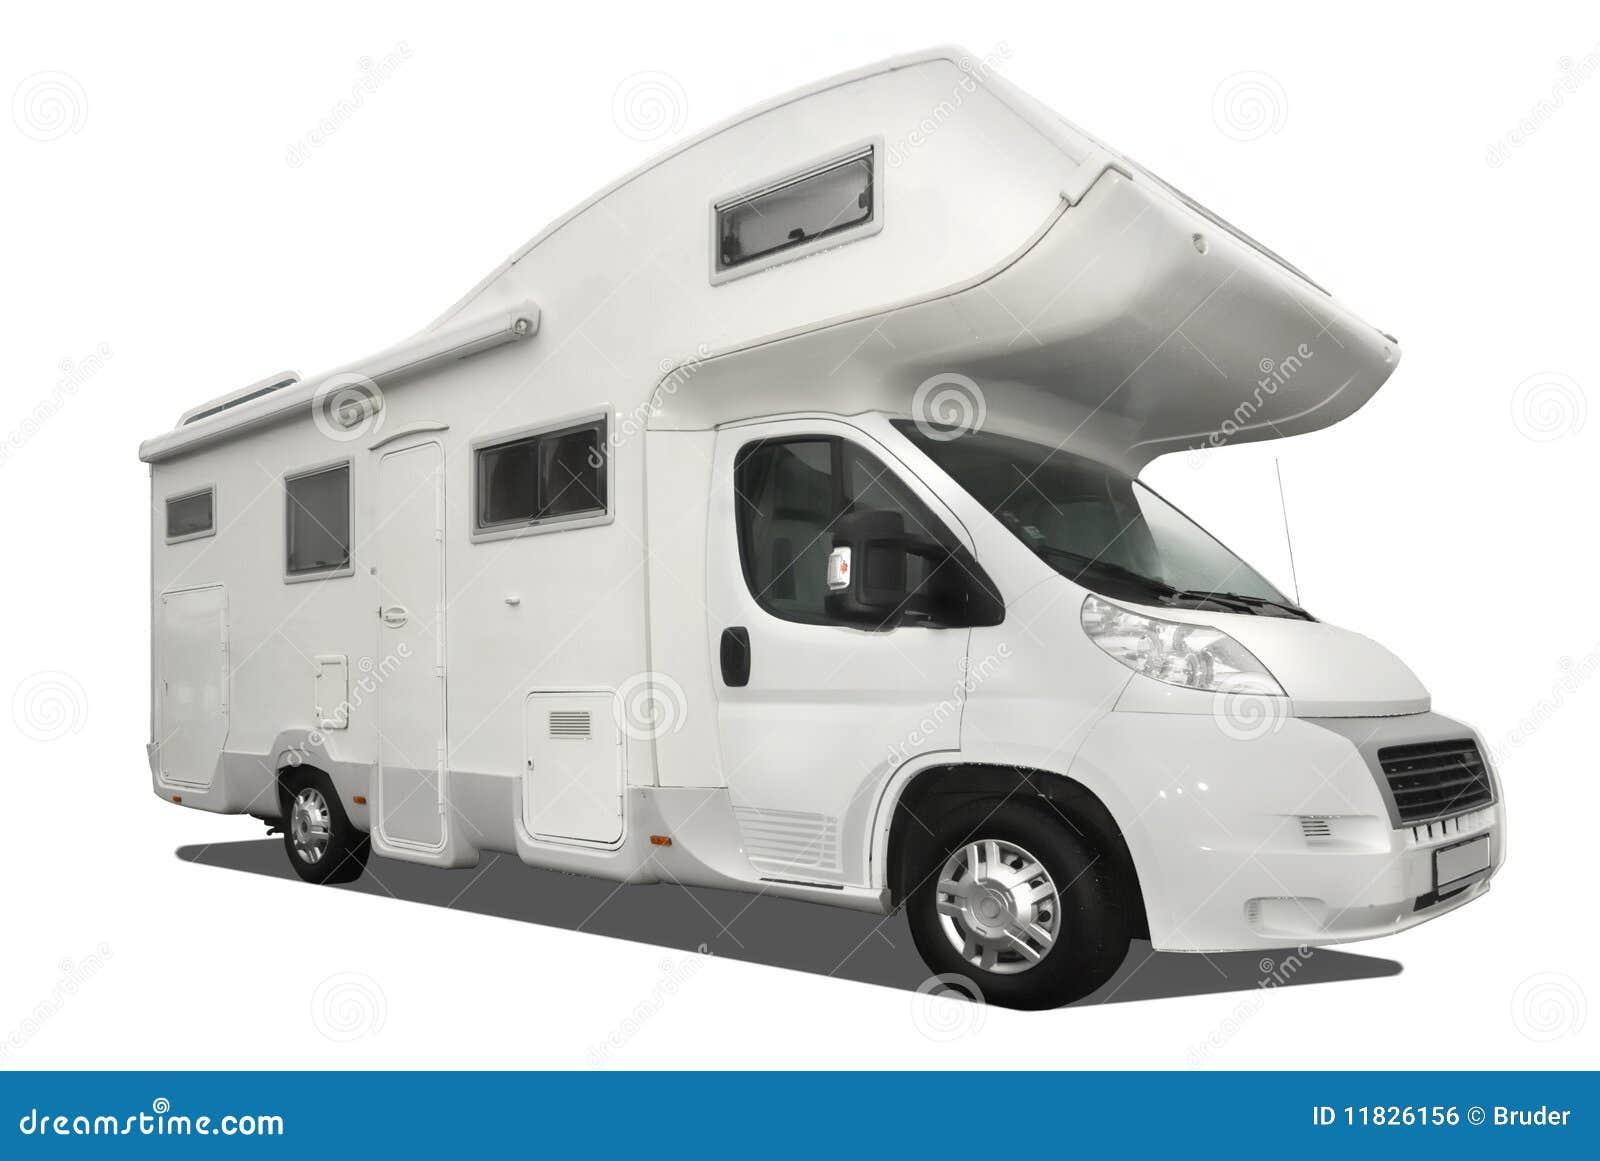 V hicule de caravane image libre de droits image 11826156 - Caravane d architecture ...